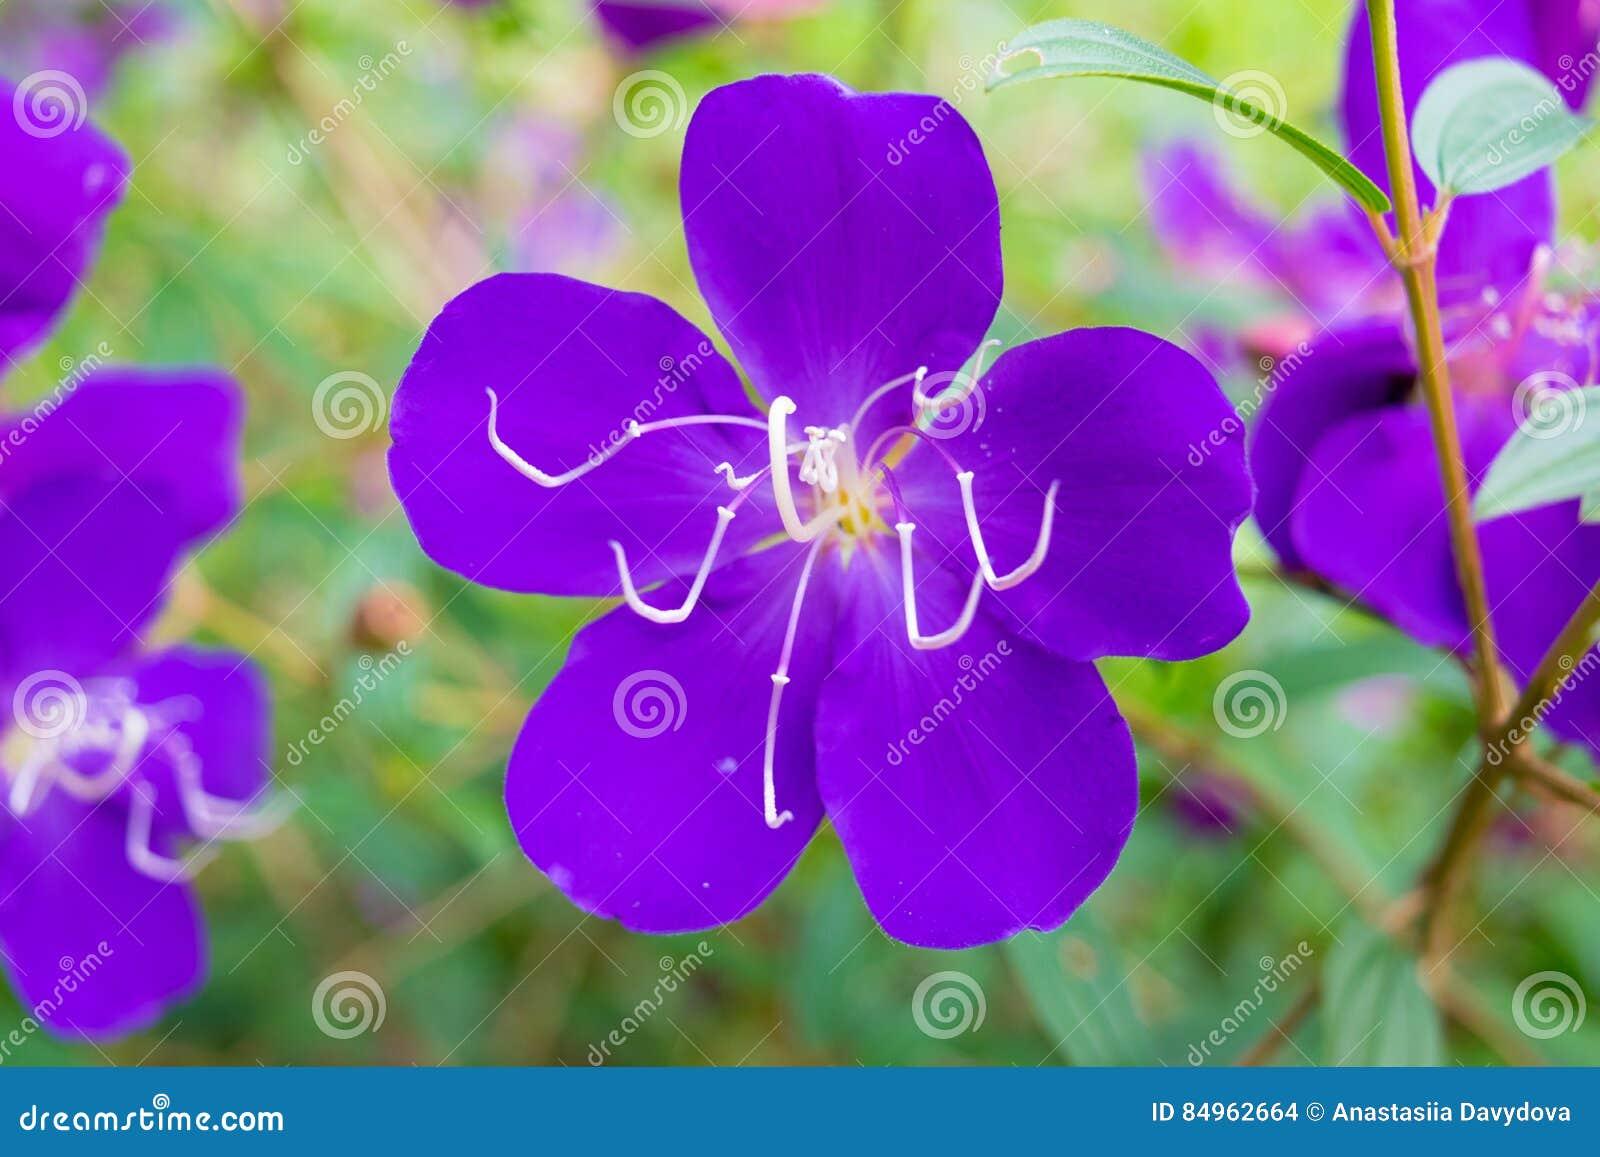 Five Petal Purple Flower Stock Images 453 Photos